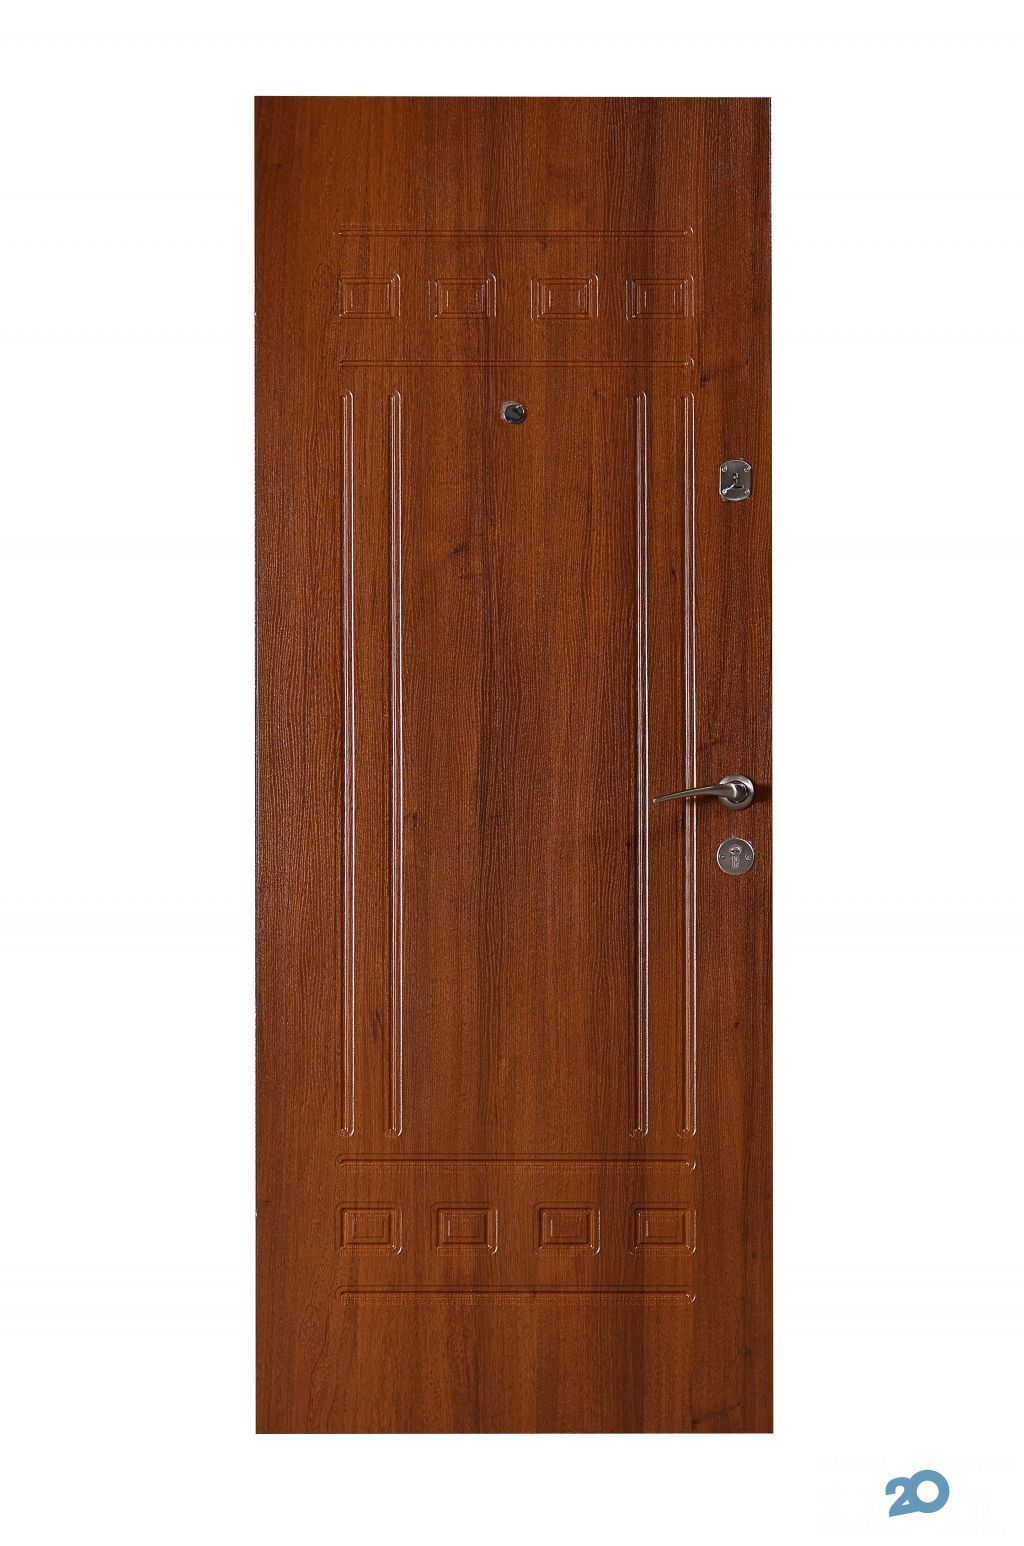 Мілано,фабрика вхідних дверей - фото 5